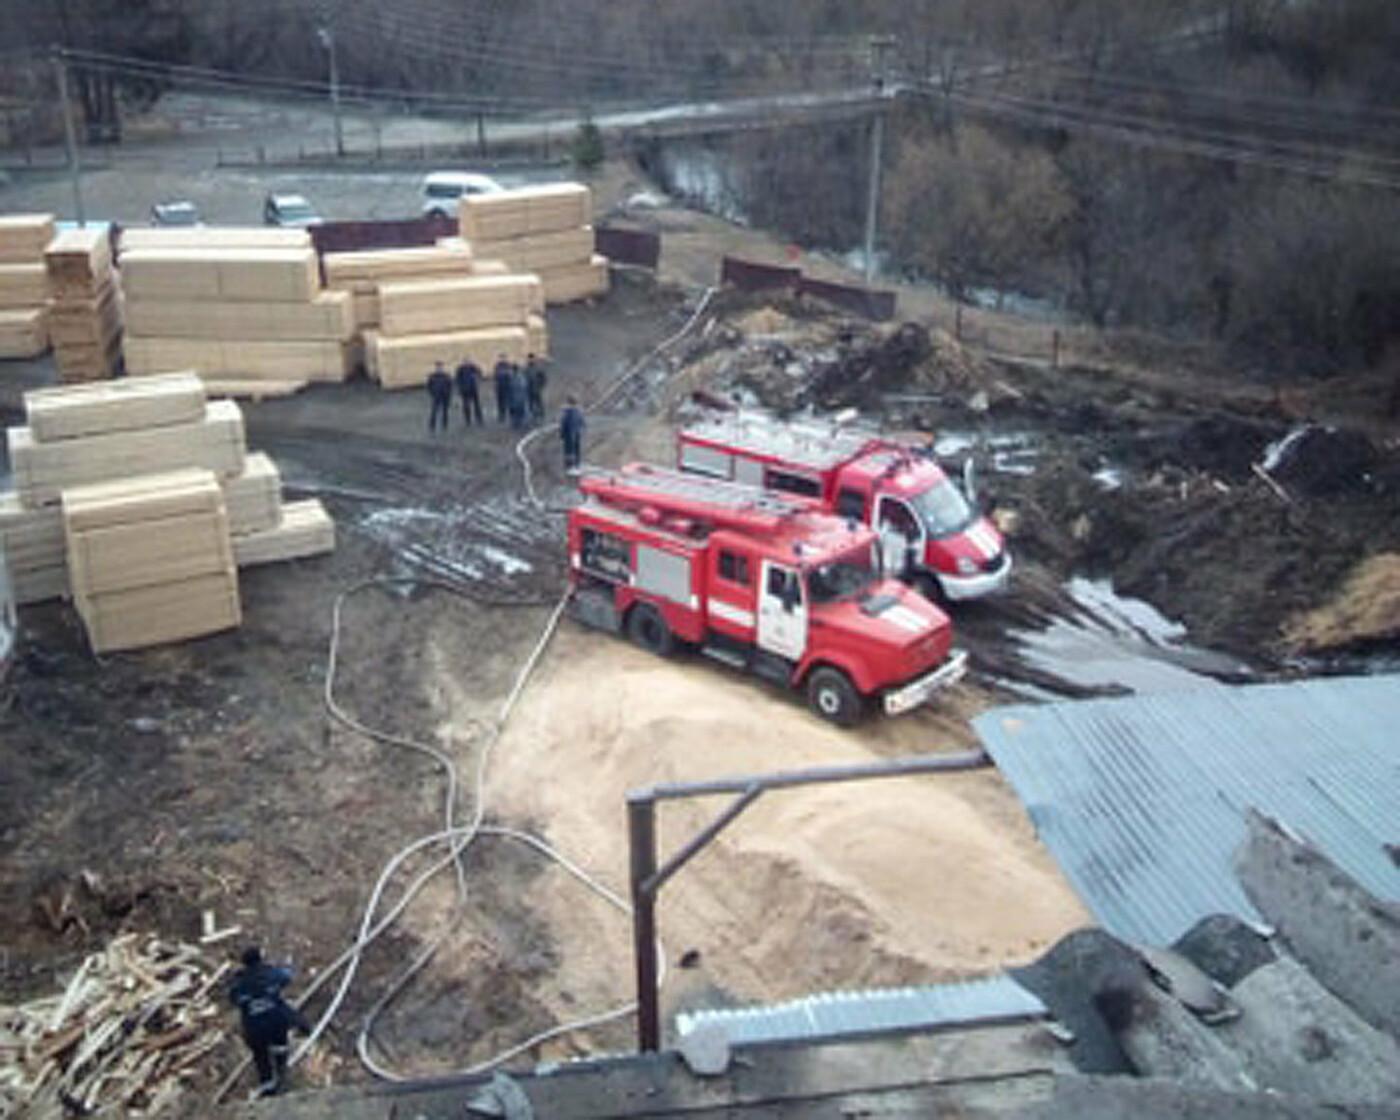 Закарпатські вогнеборці врятували від пожежі цех для вирoбництва паливних брикетів (ФОТО), фото-1